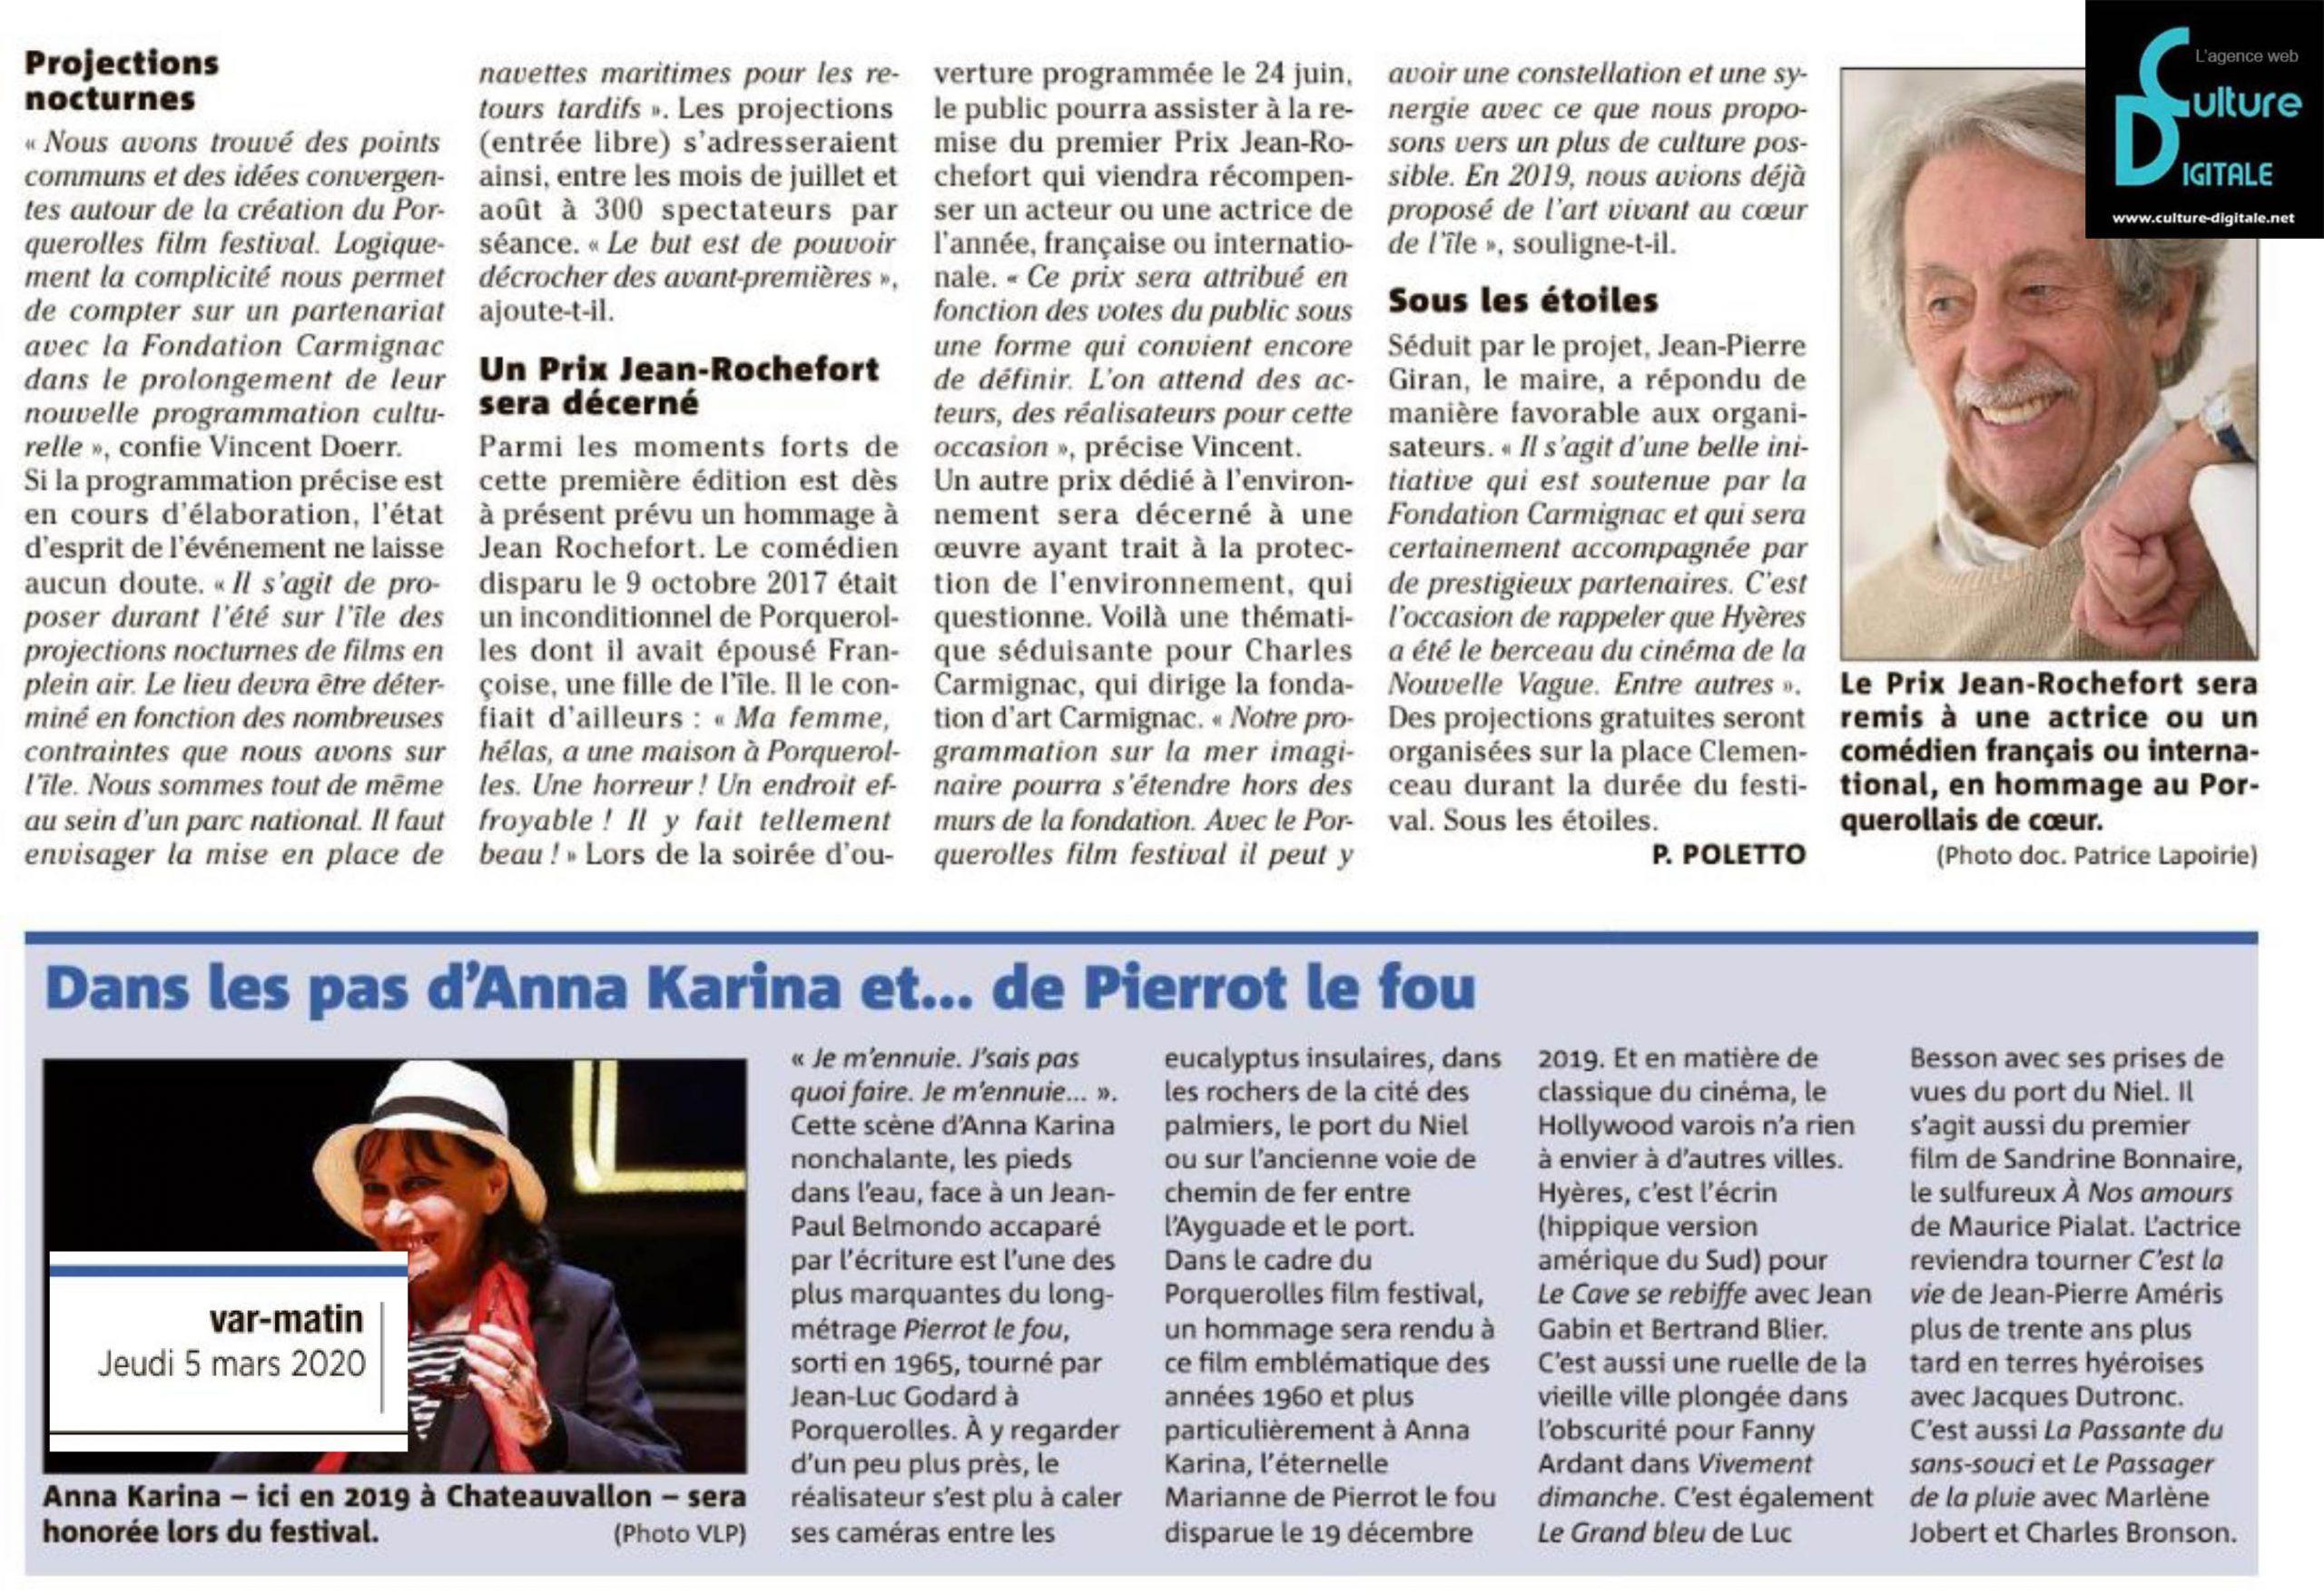 porquerolles film festival - fondation - carmignac hyères - agence culture digitale - agence web pour la culture www.culture-digitale.net Porquerolles Film Festival – Fondation Carmignac – Hyeres porquerolles film festival fondation carmignac www